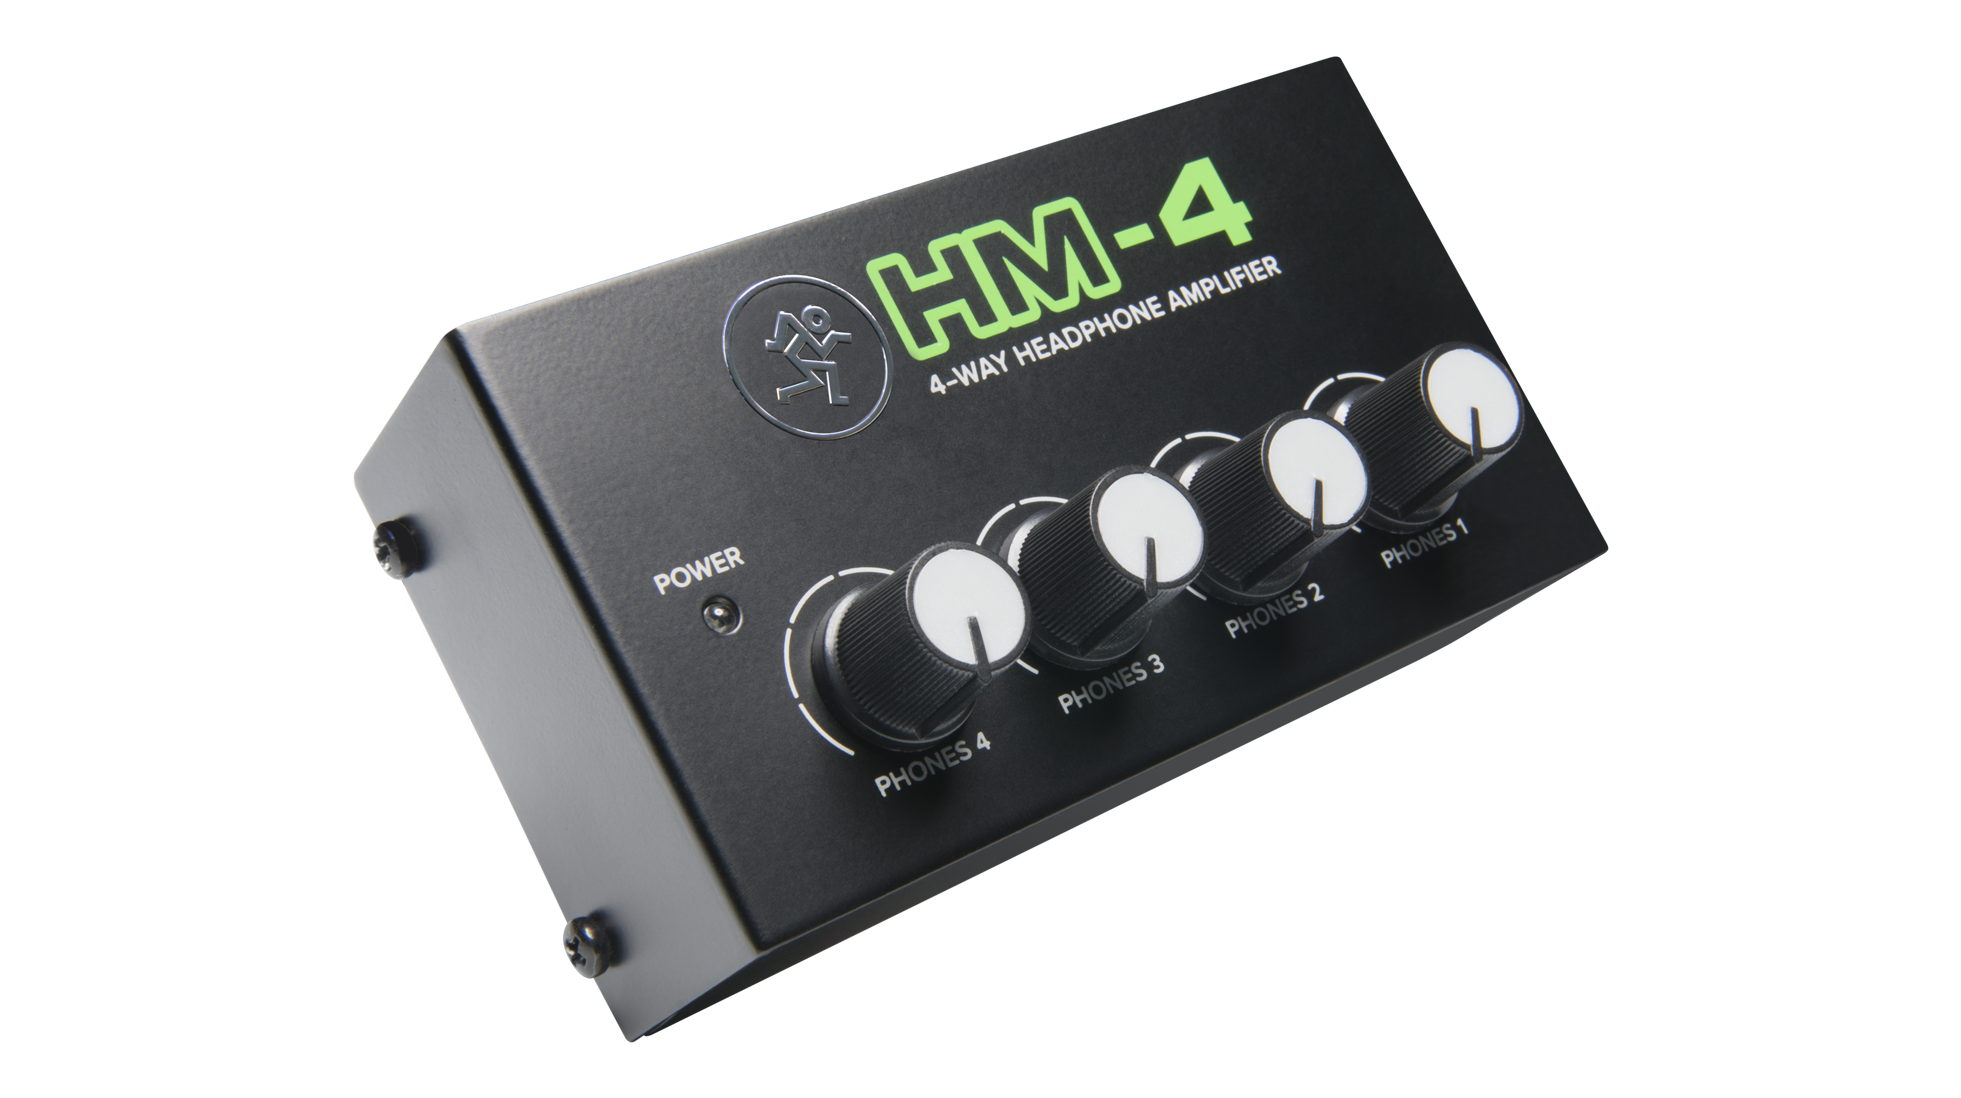 Remarkable Hm Series Headphone Amplifiers Mackie Wiring Cloud Uslyletkolfr09Org